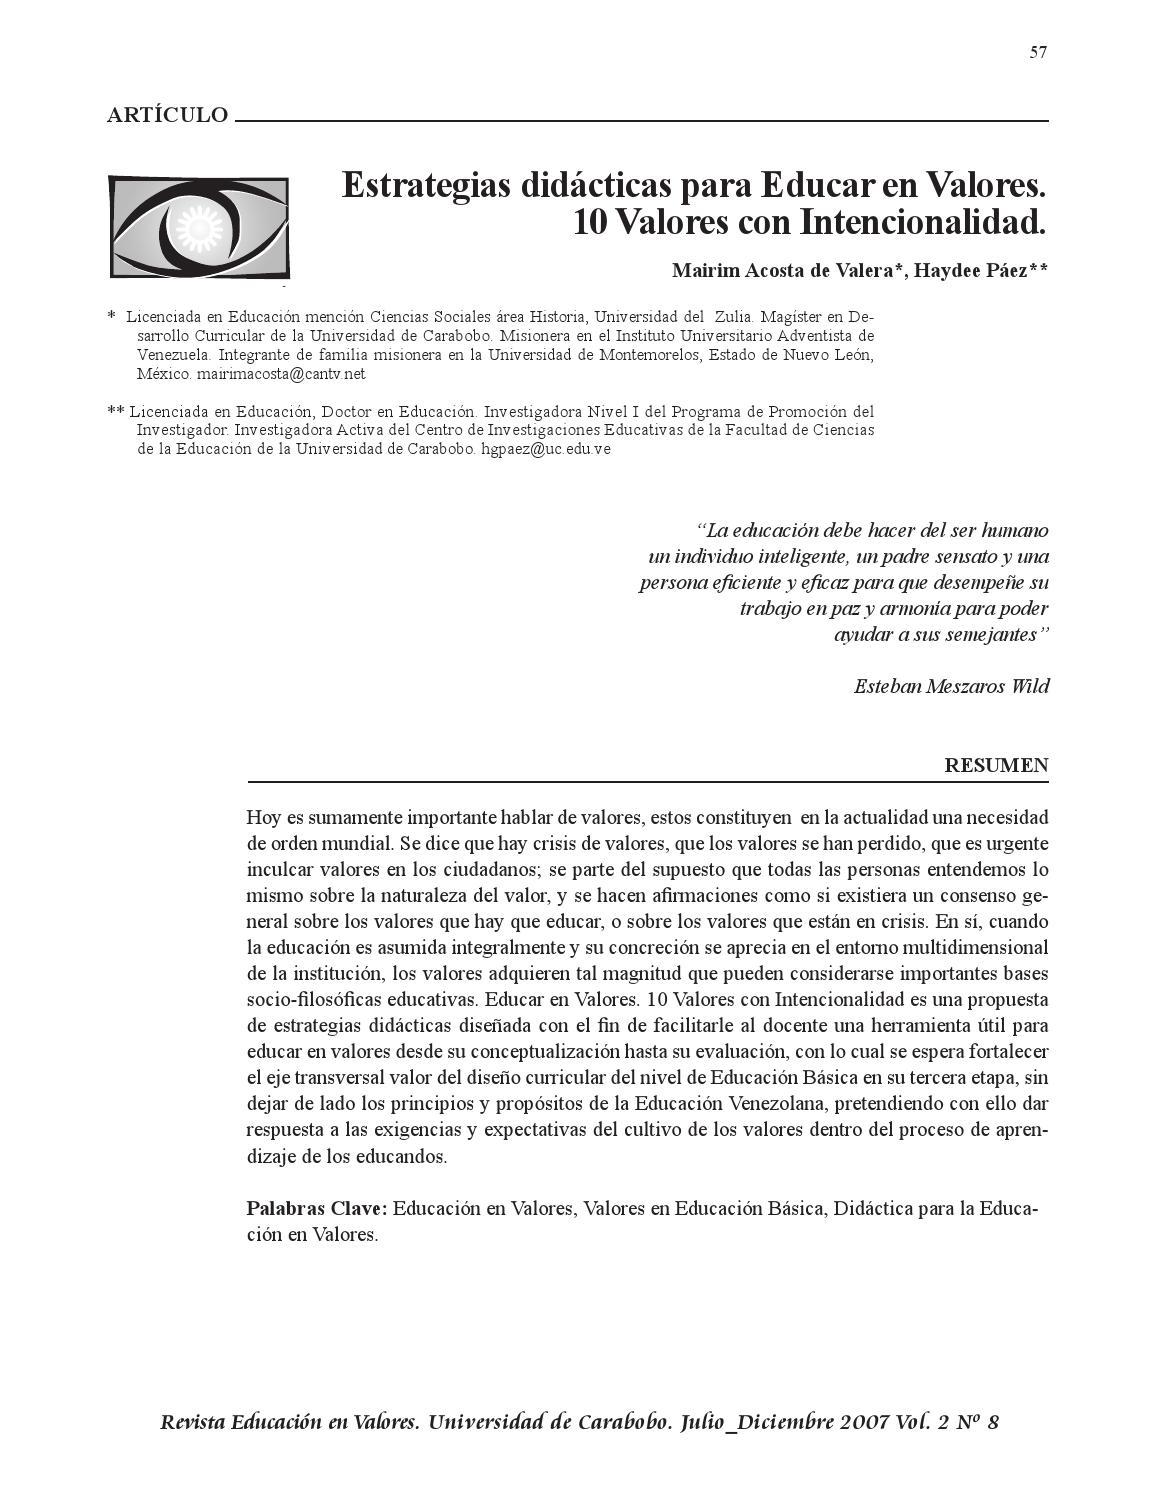 Estrategias didácticas para educar en valores by Silvia Mamani - issuu